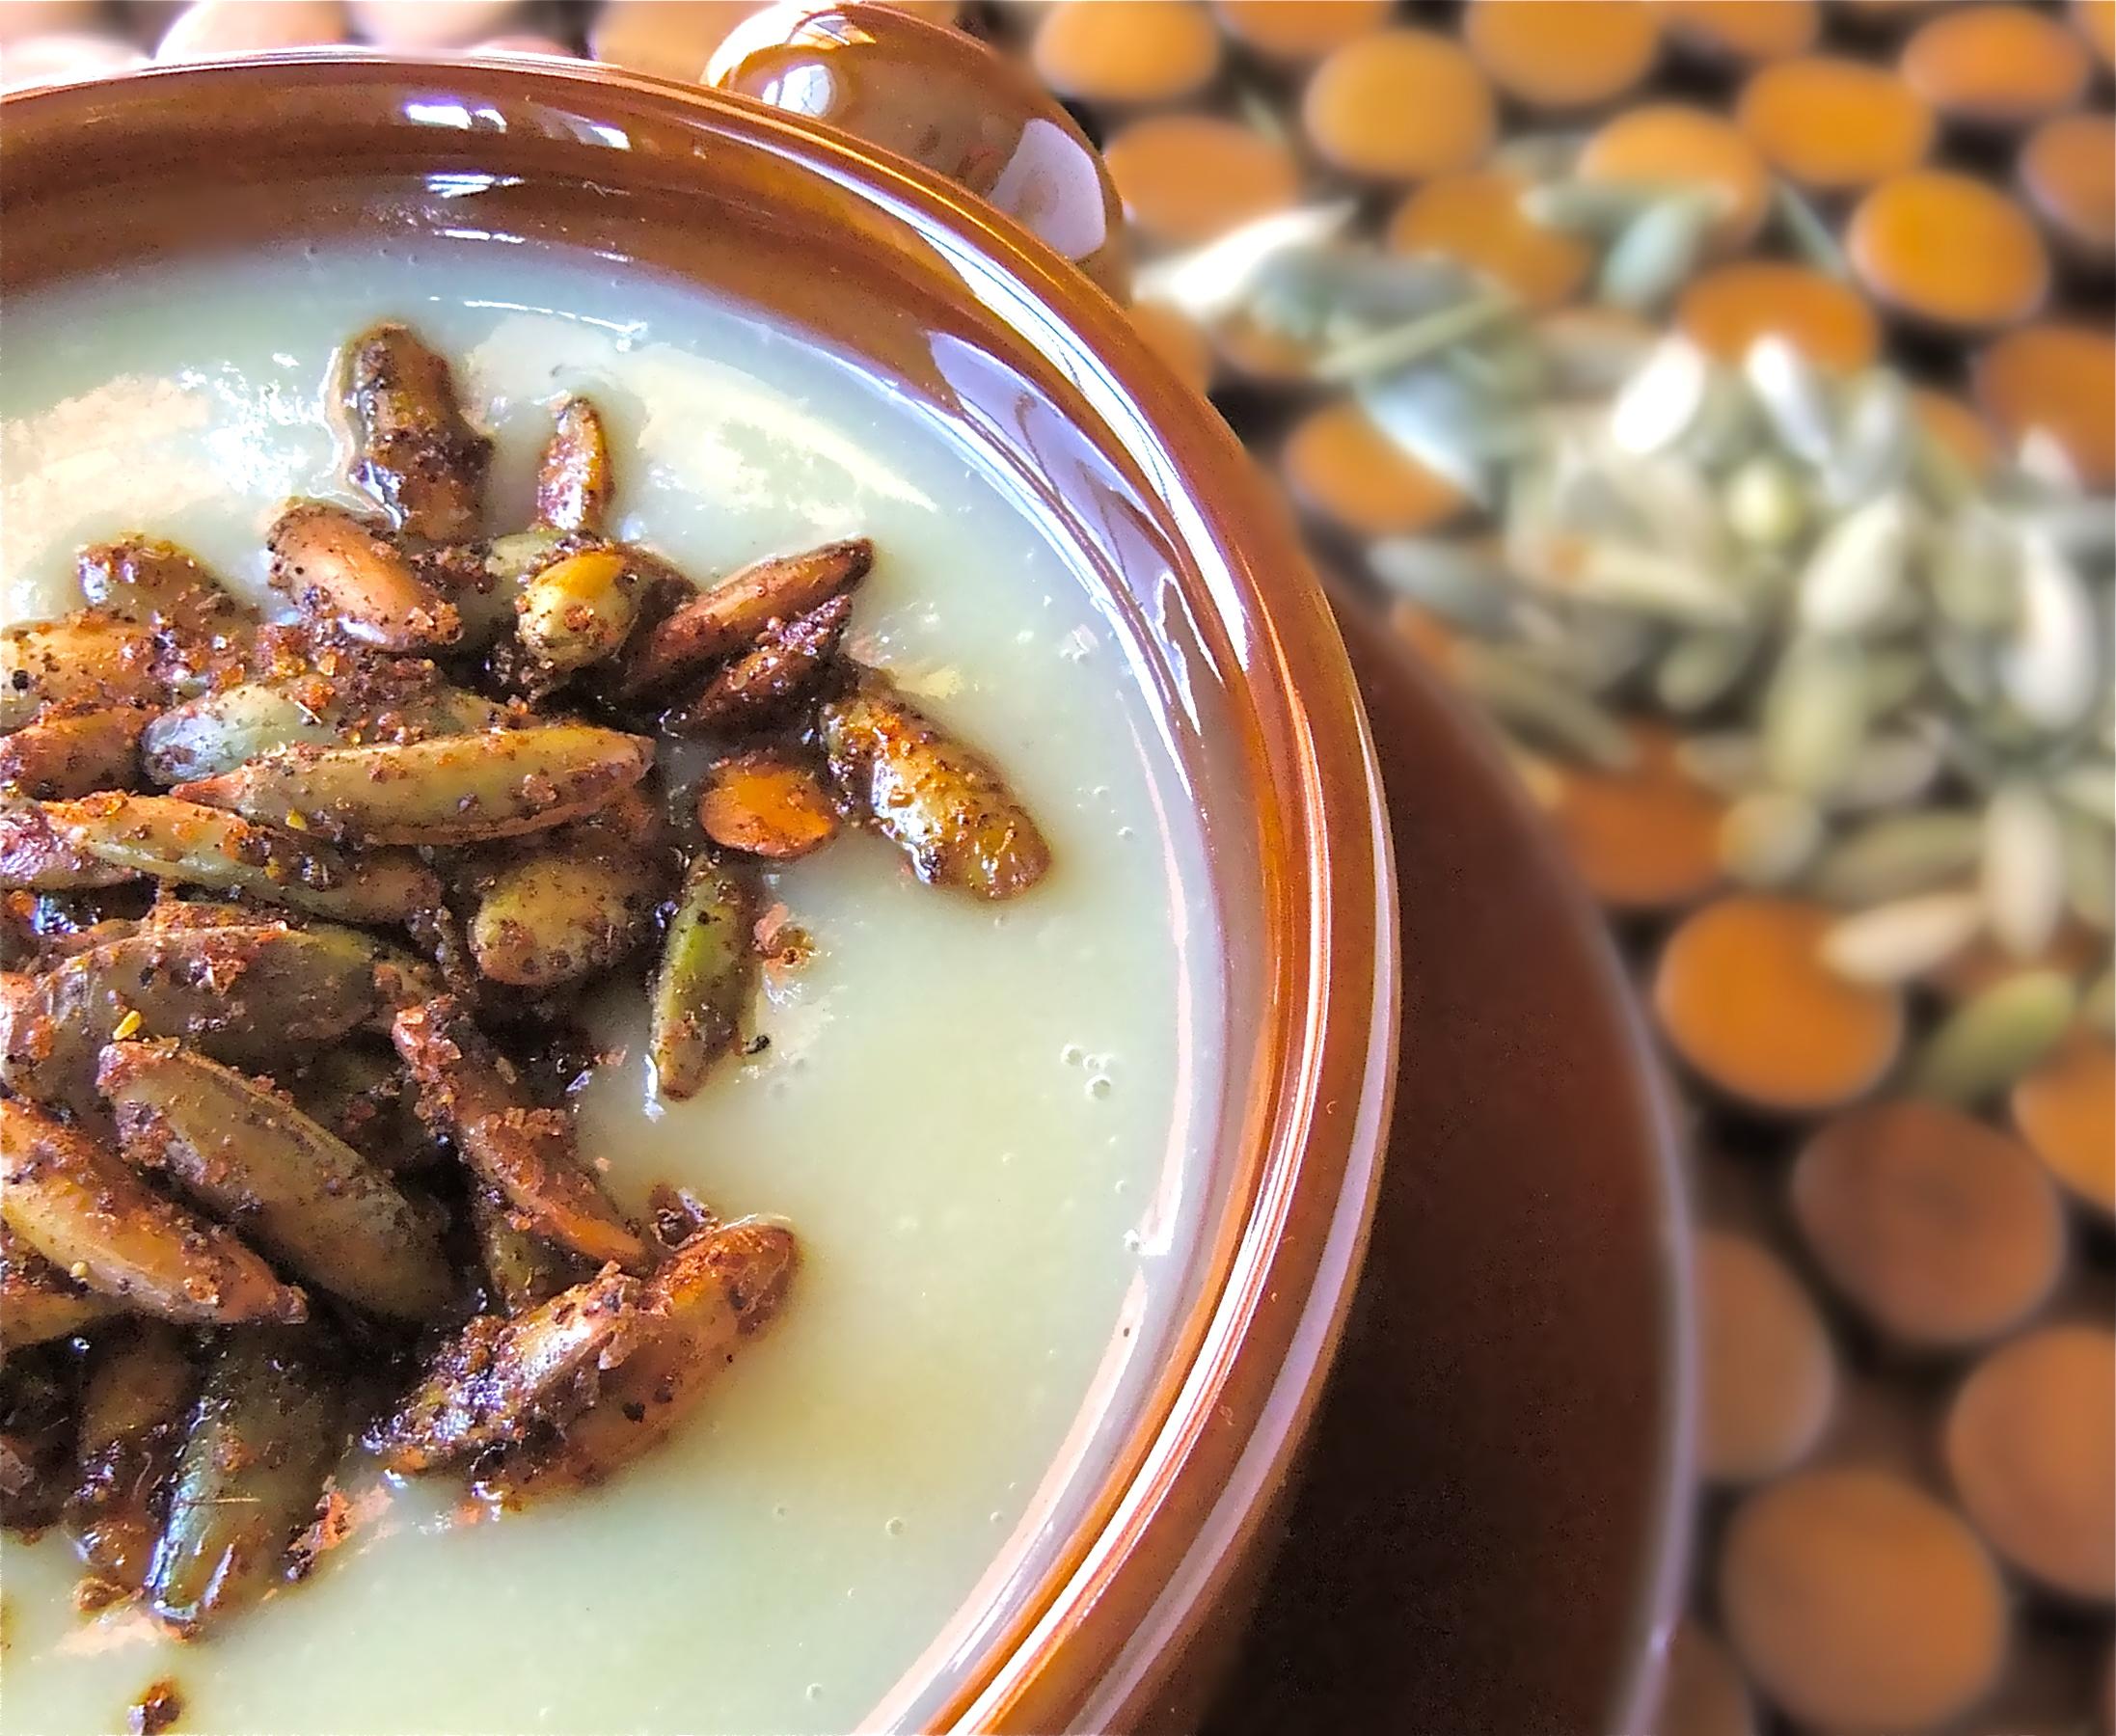 ... -Recipes PART 3: Creamy Celeriac Soup with Spiced Pumpkin Seeds